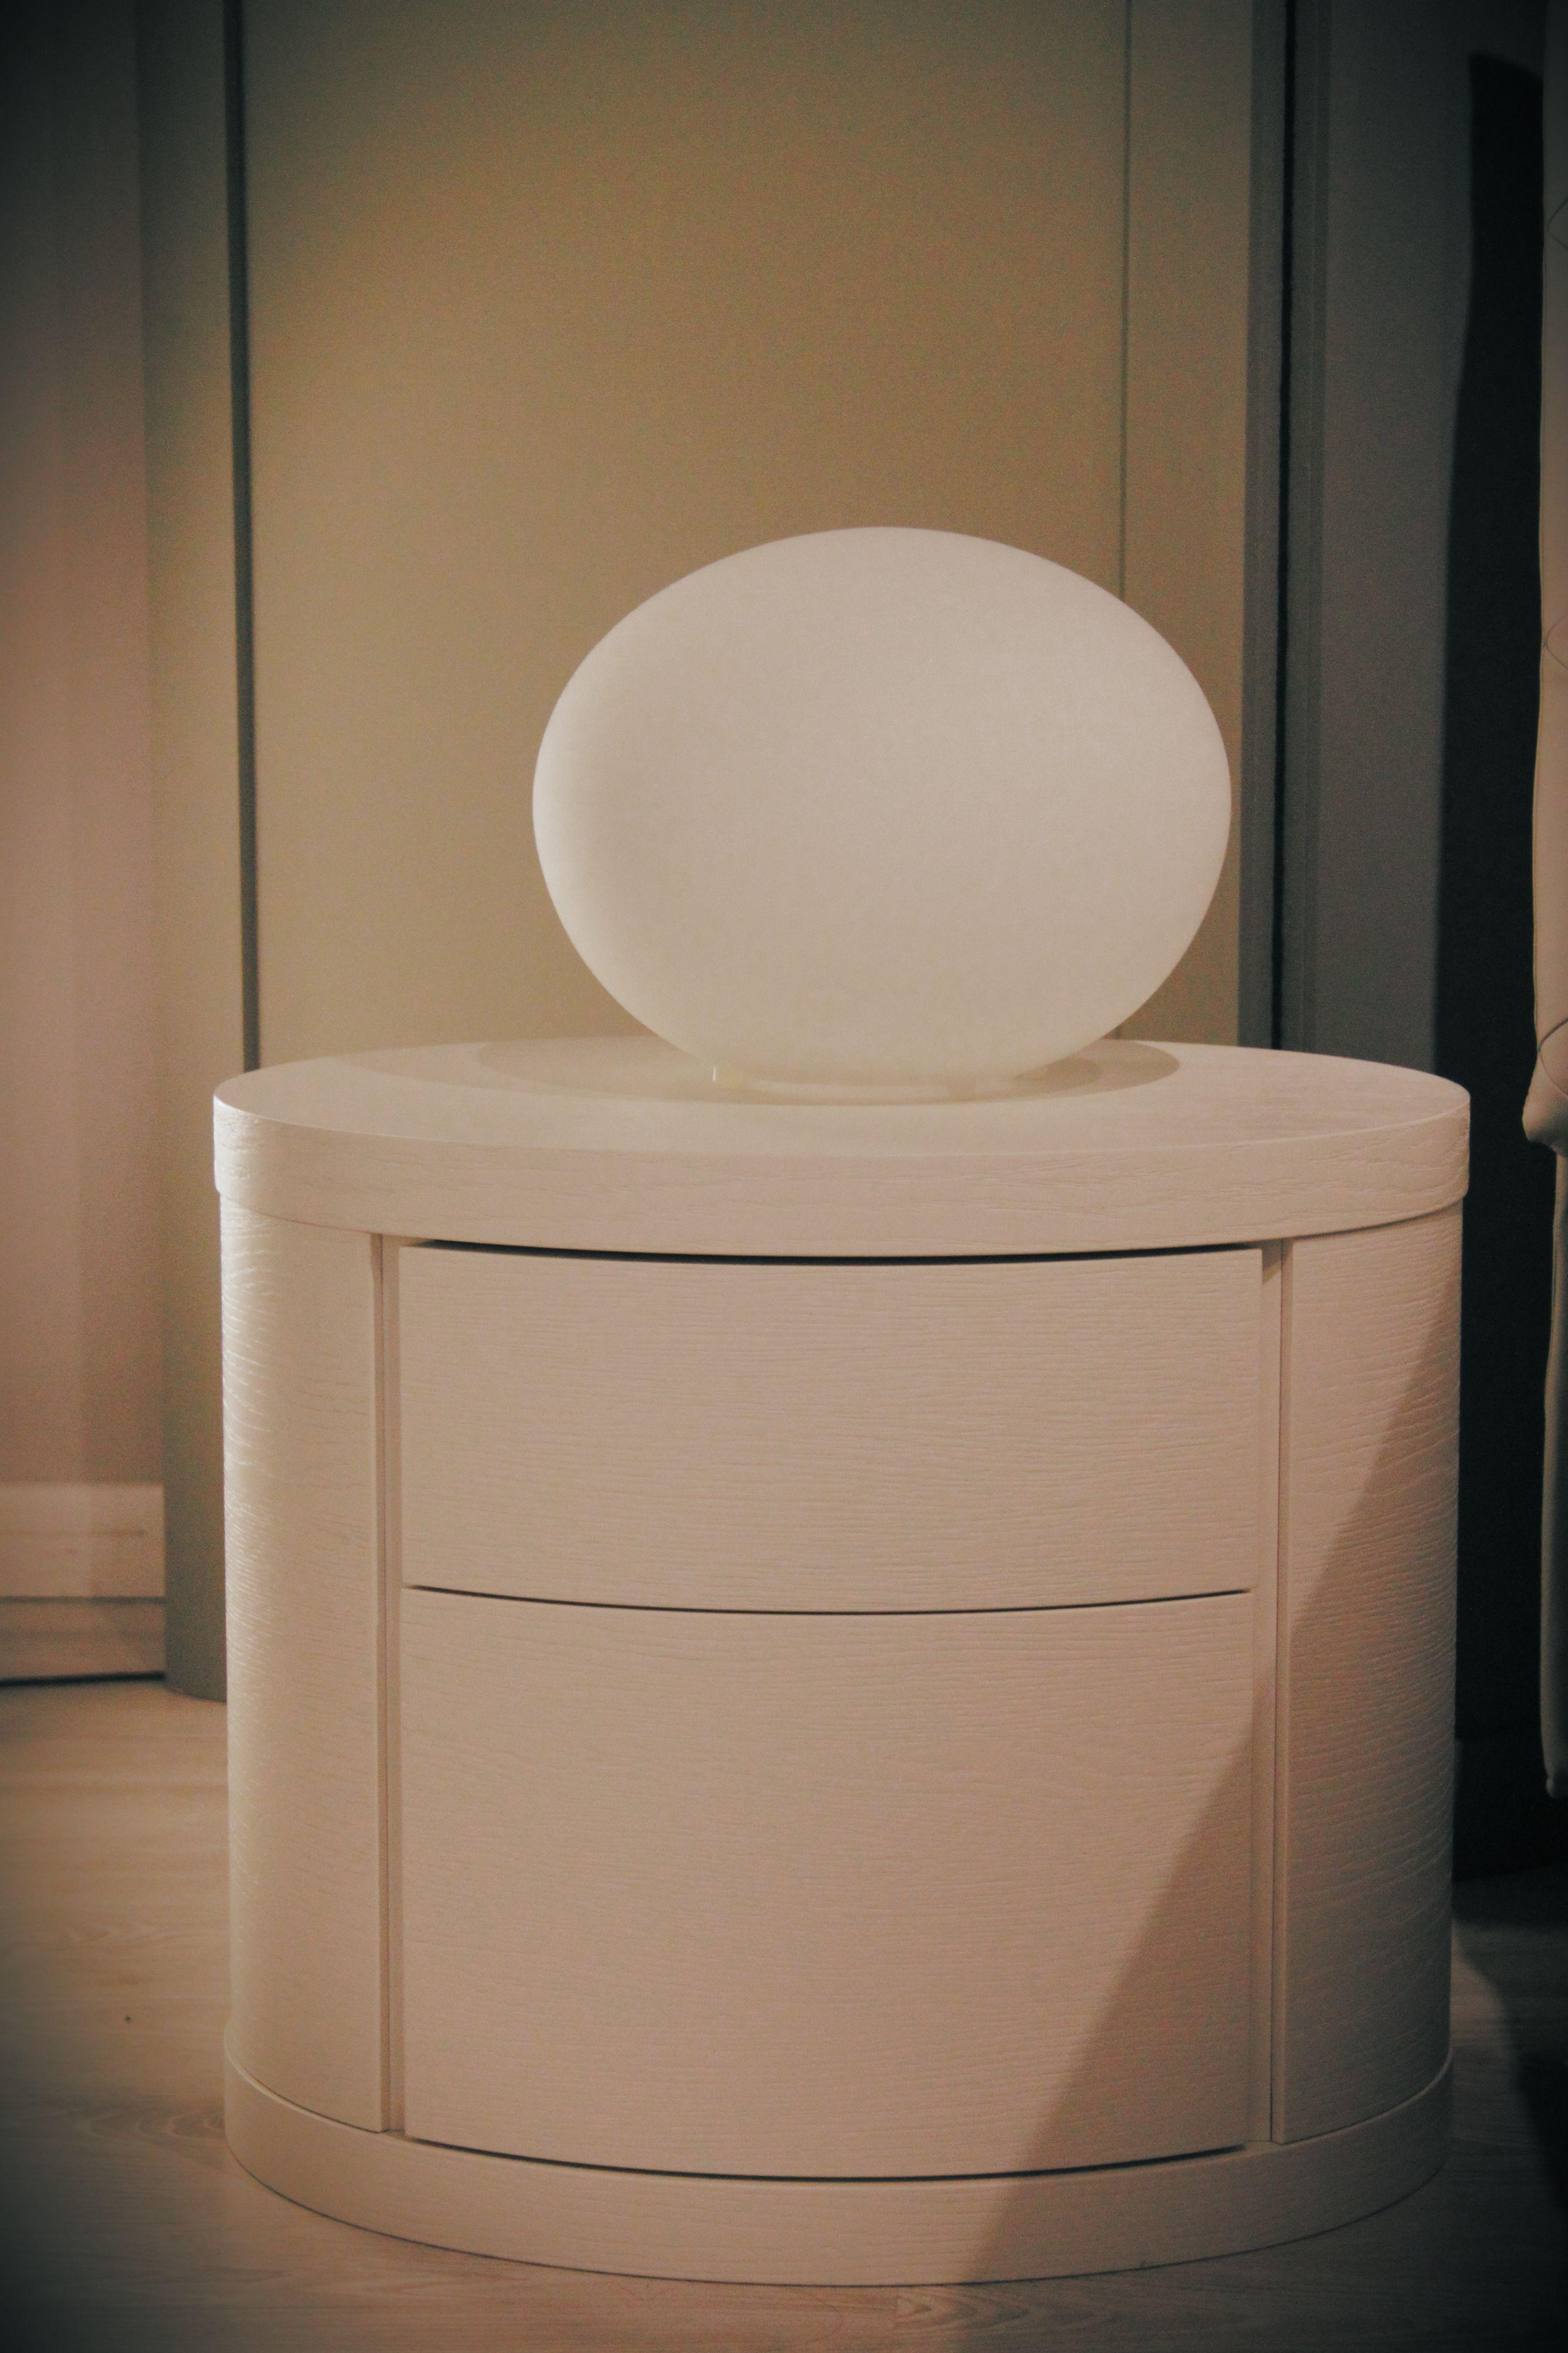 Camera da letto charme libra alf da fr leonetti design - Camera da letto subito it ...